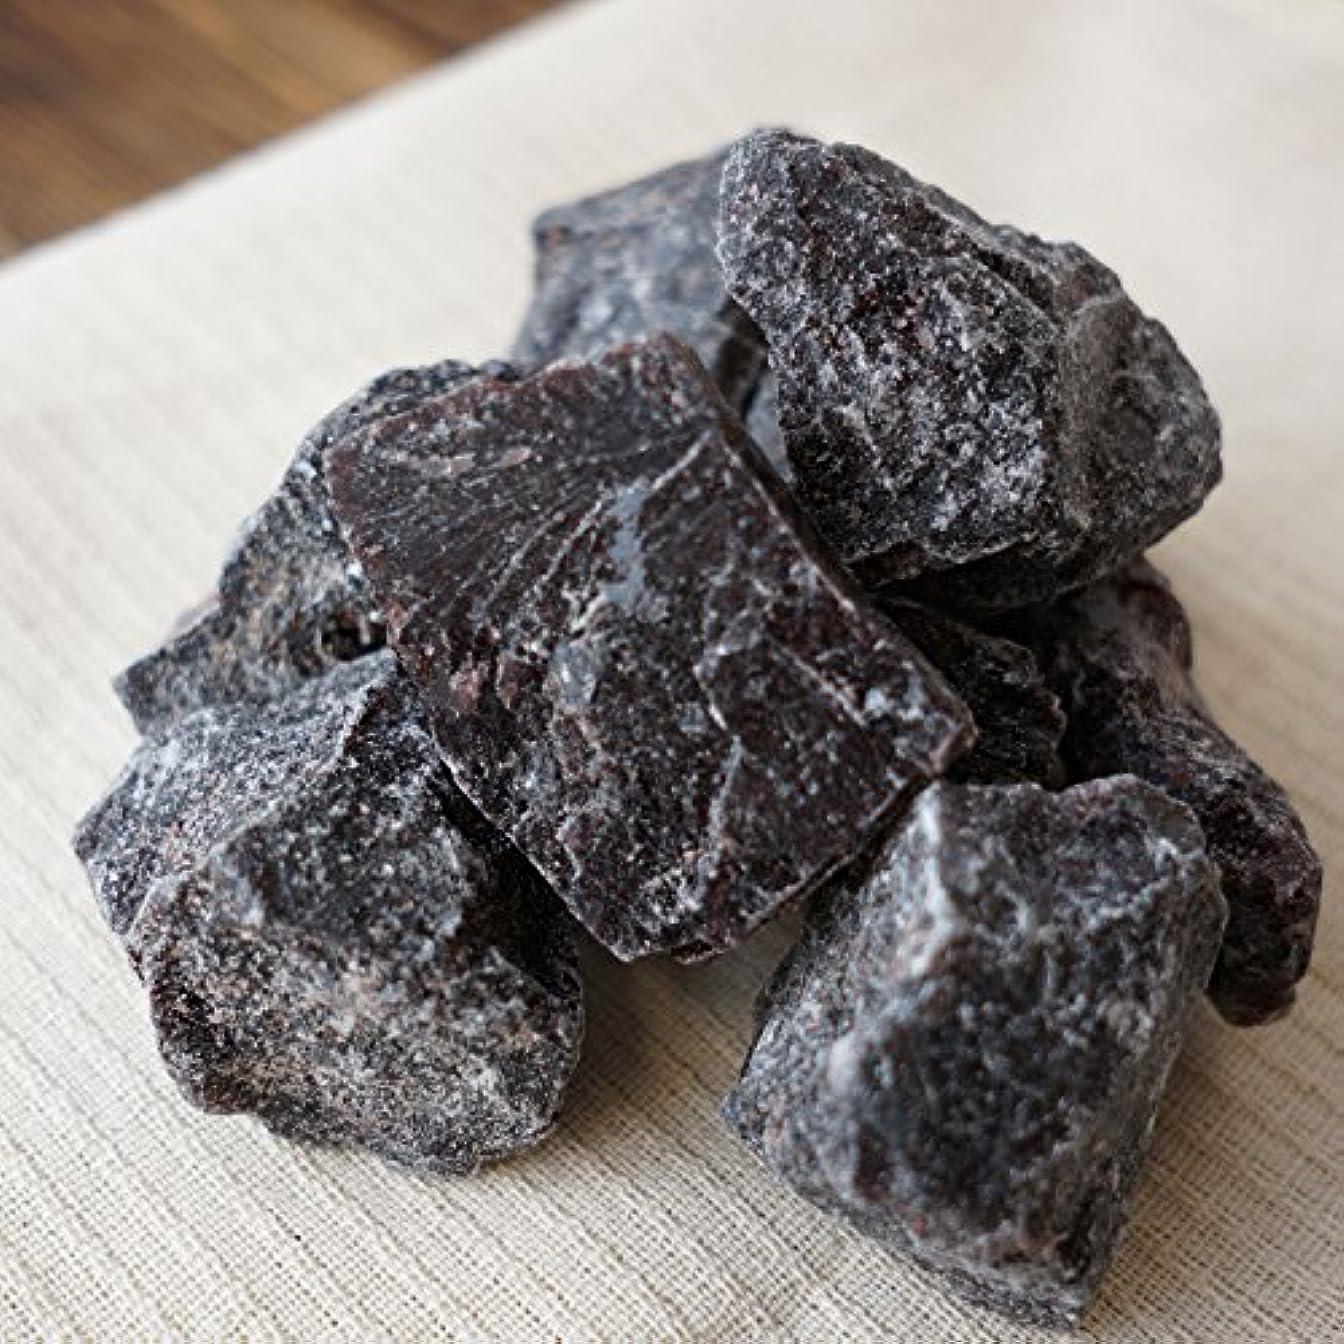 増加する死葉っぱ希少 インド岩塩 ルビー ブロック 約2-5cm 10kg 10,000g 原料